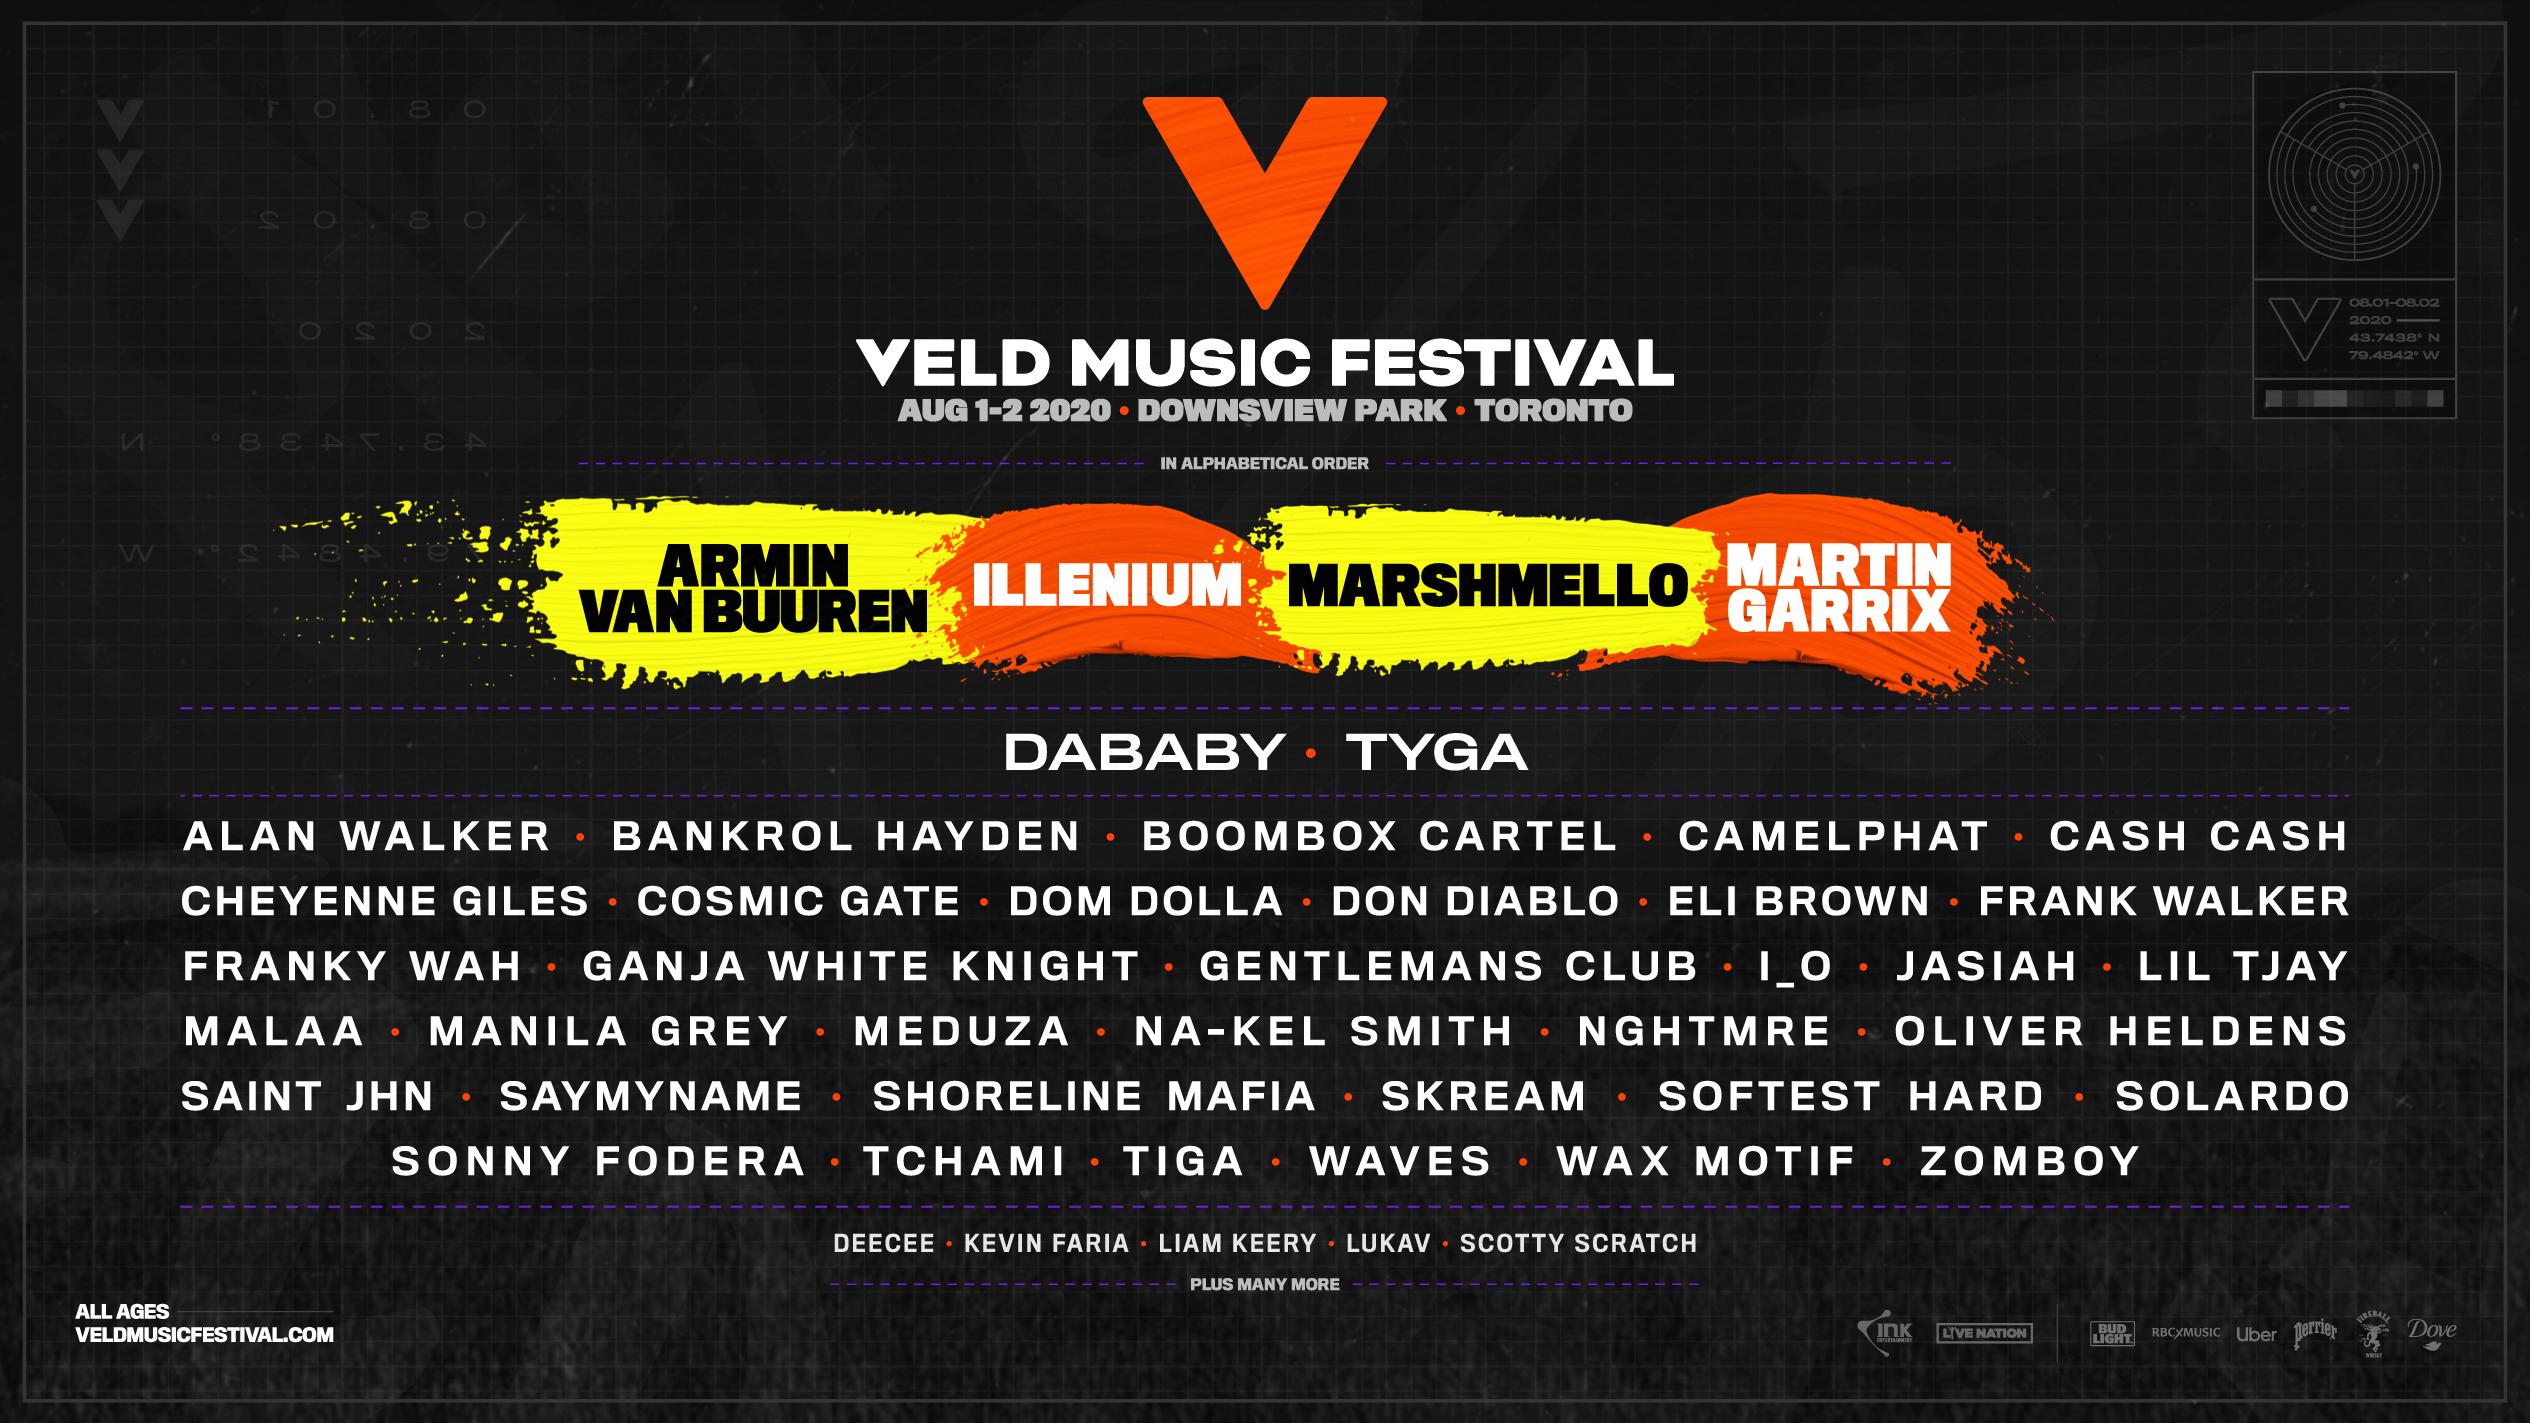 2020 Veld Music Festival lineup